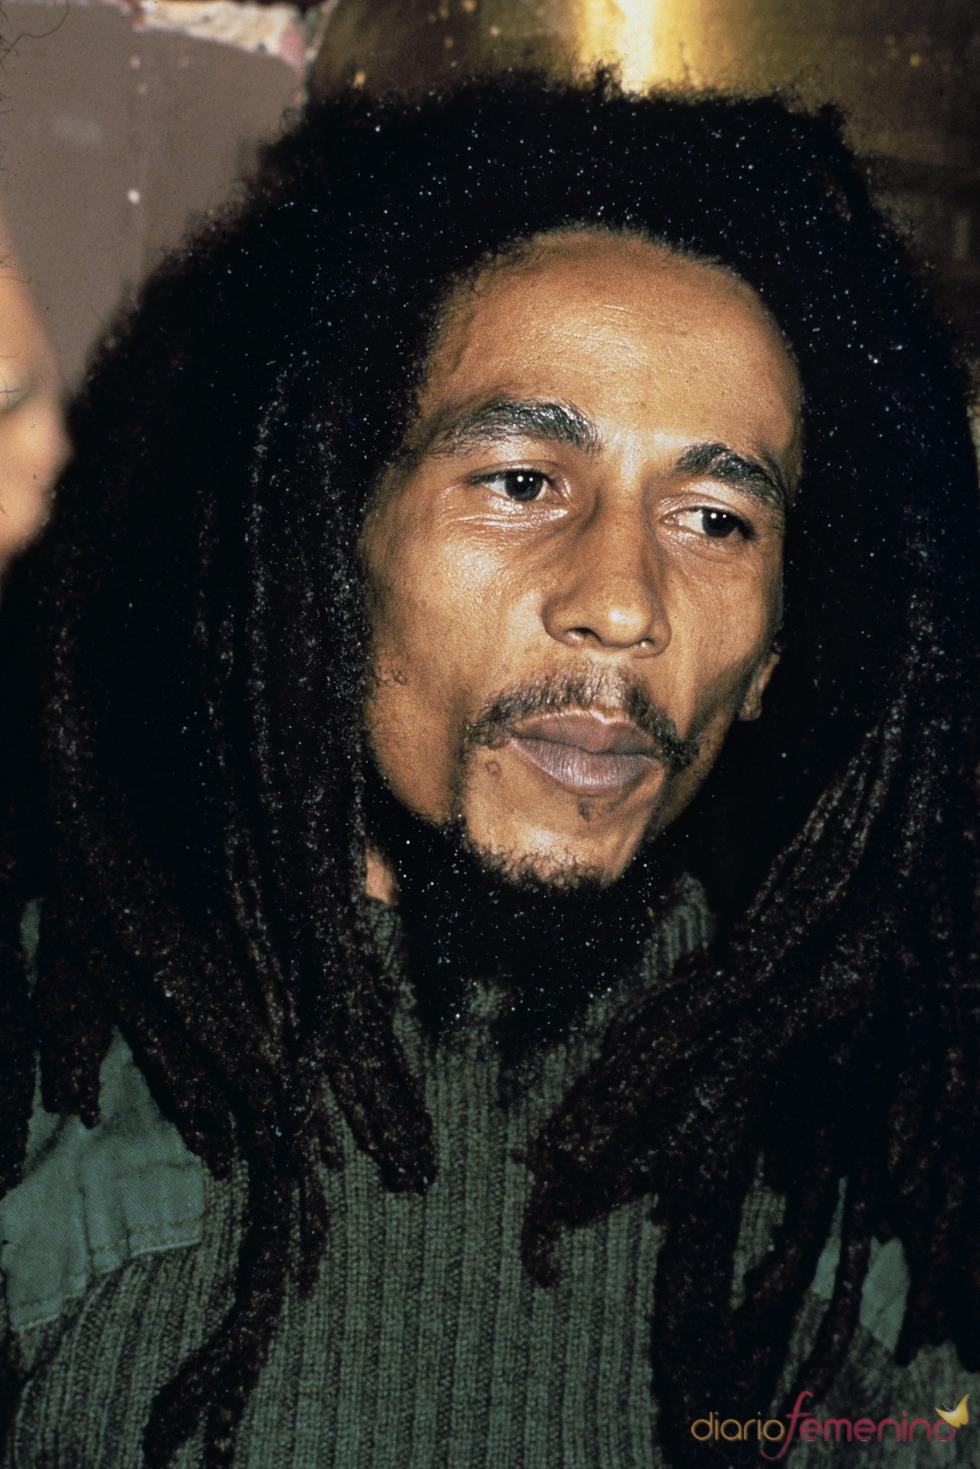 El músico de reggae Bob Marley